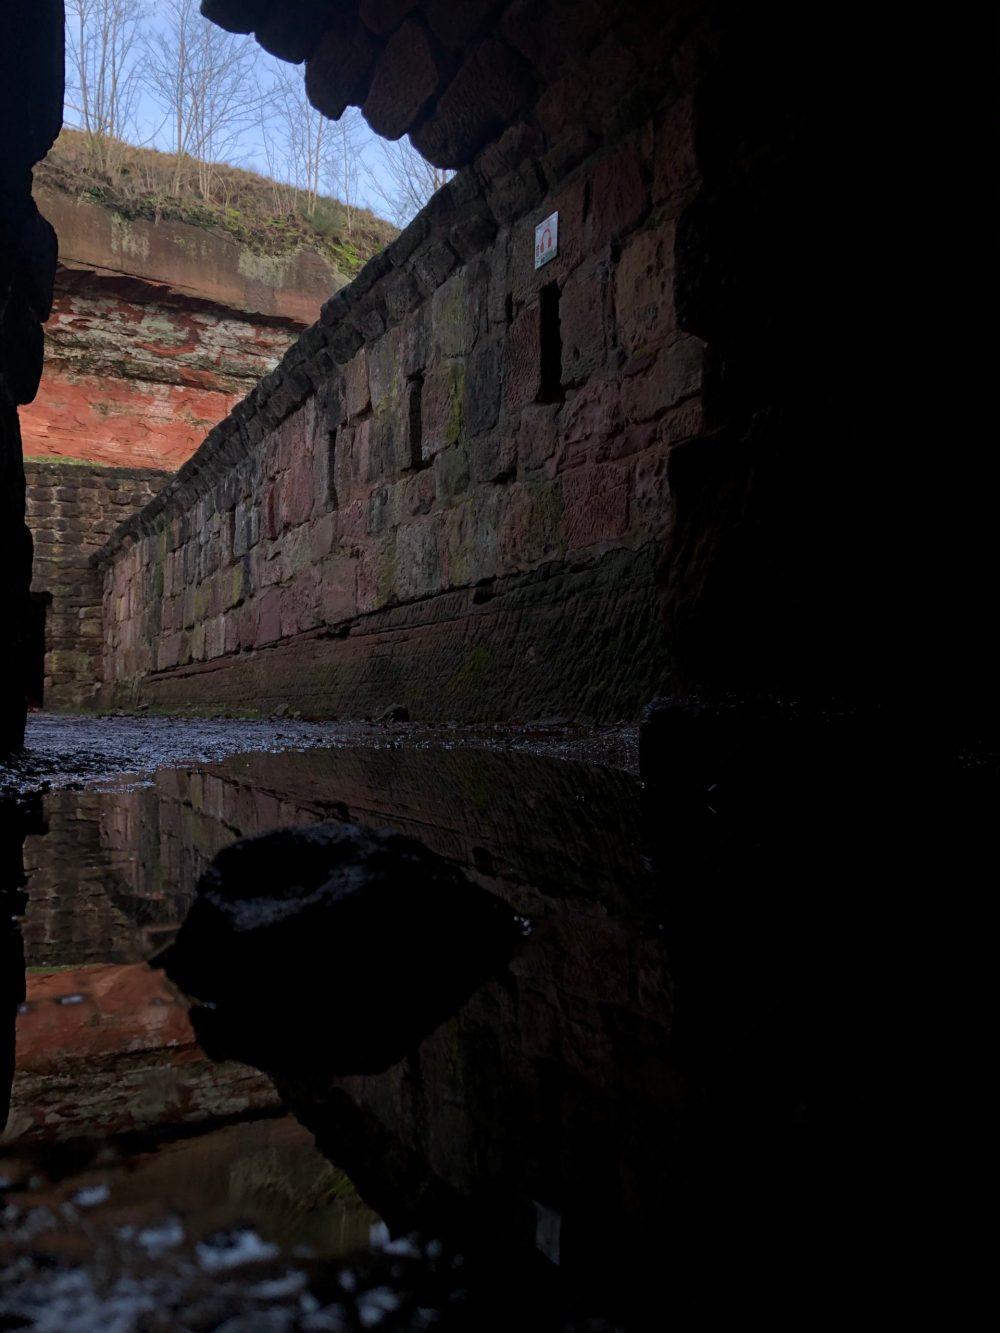 Pfützen Fotografie  vor einem alten Durchgang mit Schießscharten